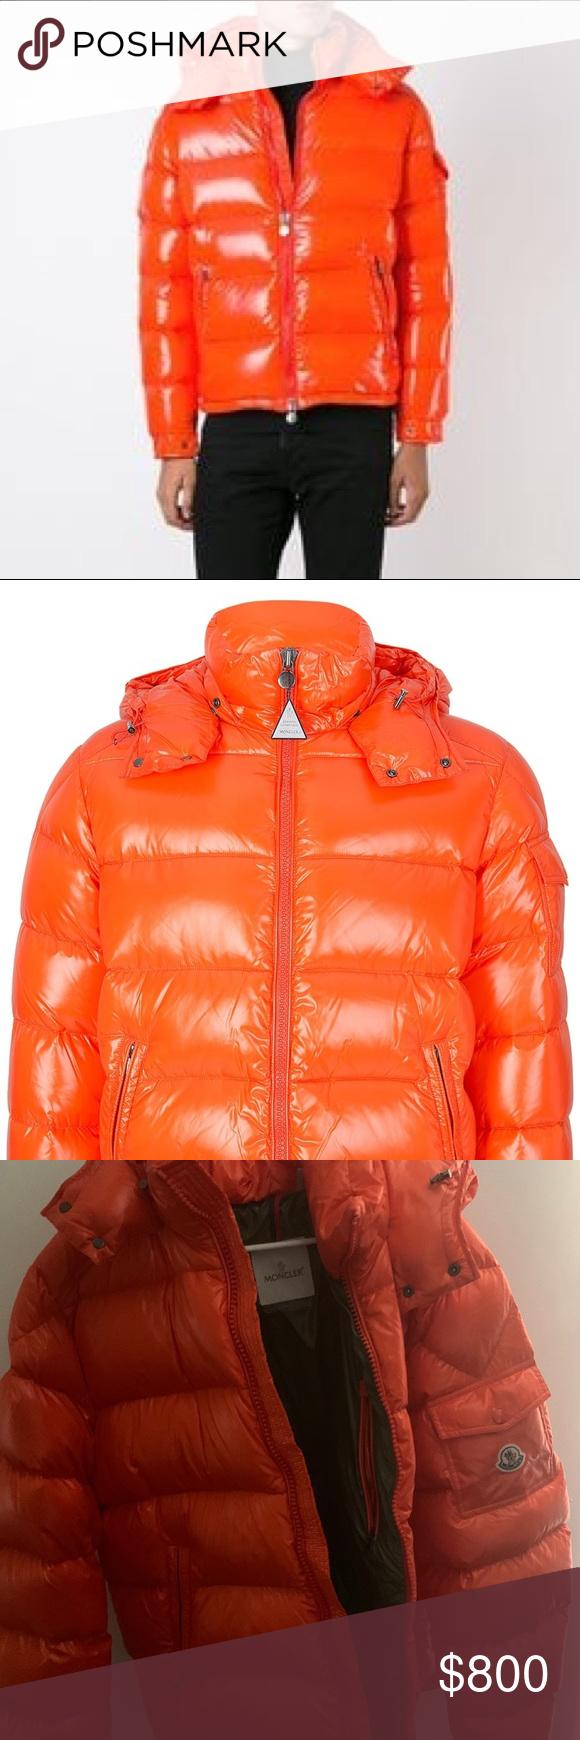 a1c1019366ba Moncler orange coat Used moncler orange coat . Has small mark on it ...